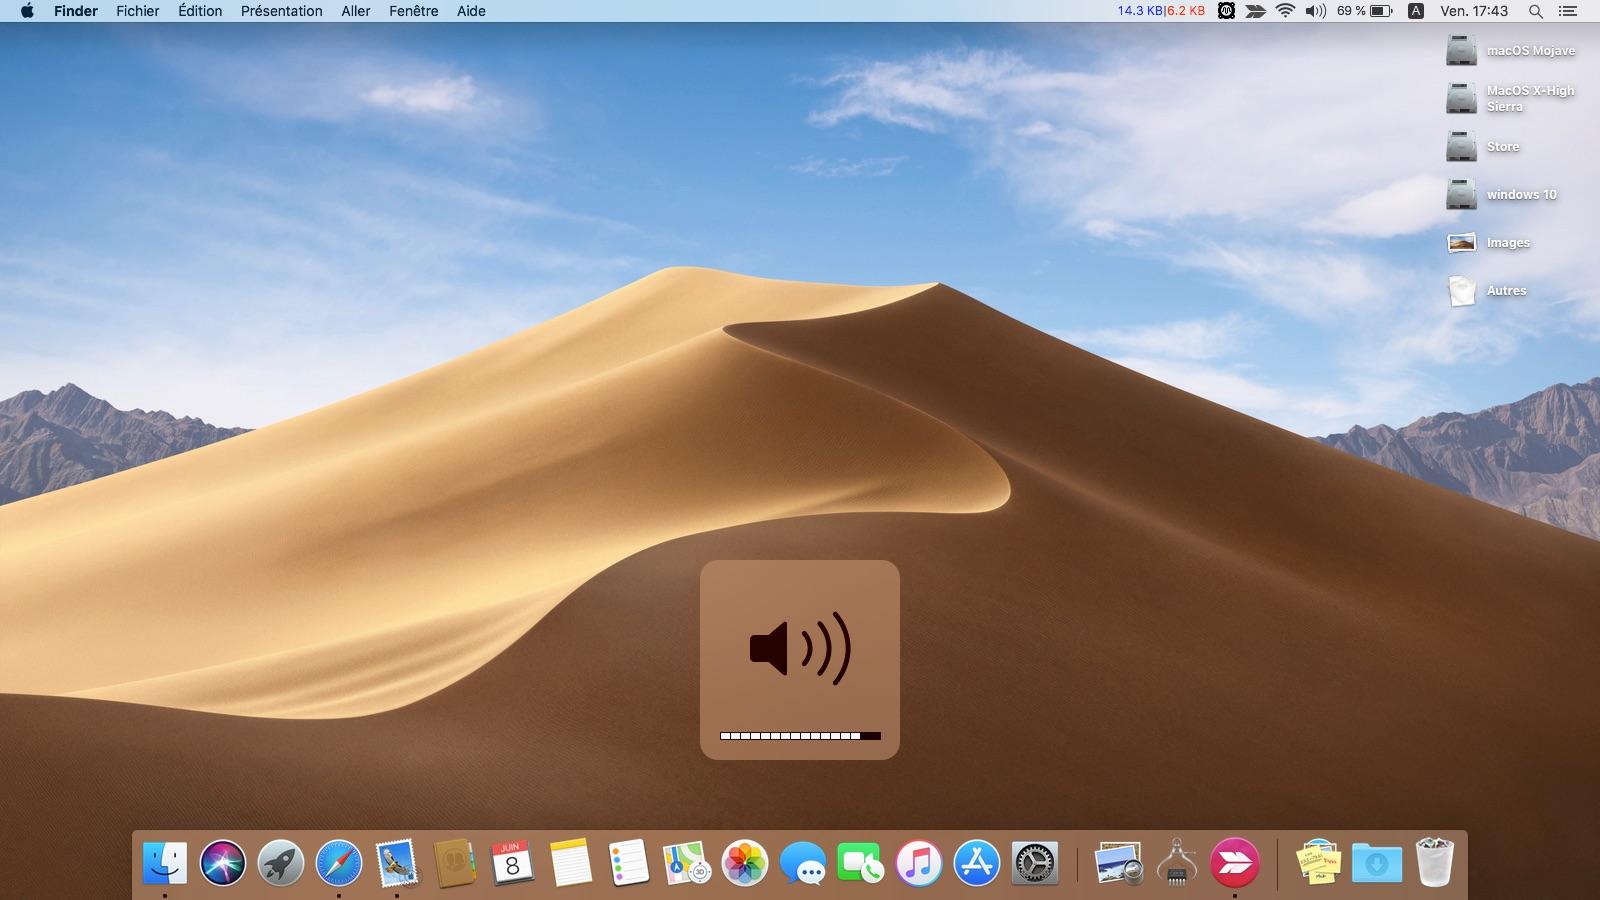 macOS Mojave 10.14 .Beta (Beta1, Beta2, Beta3, Beta4, Beta5, Beta6 . . .) Captur25